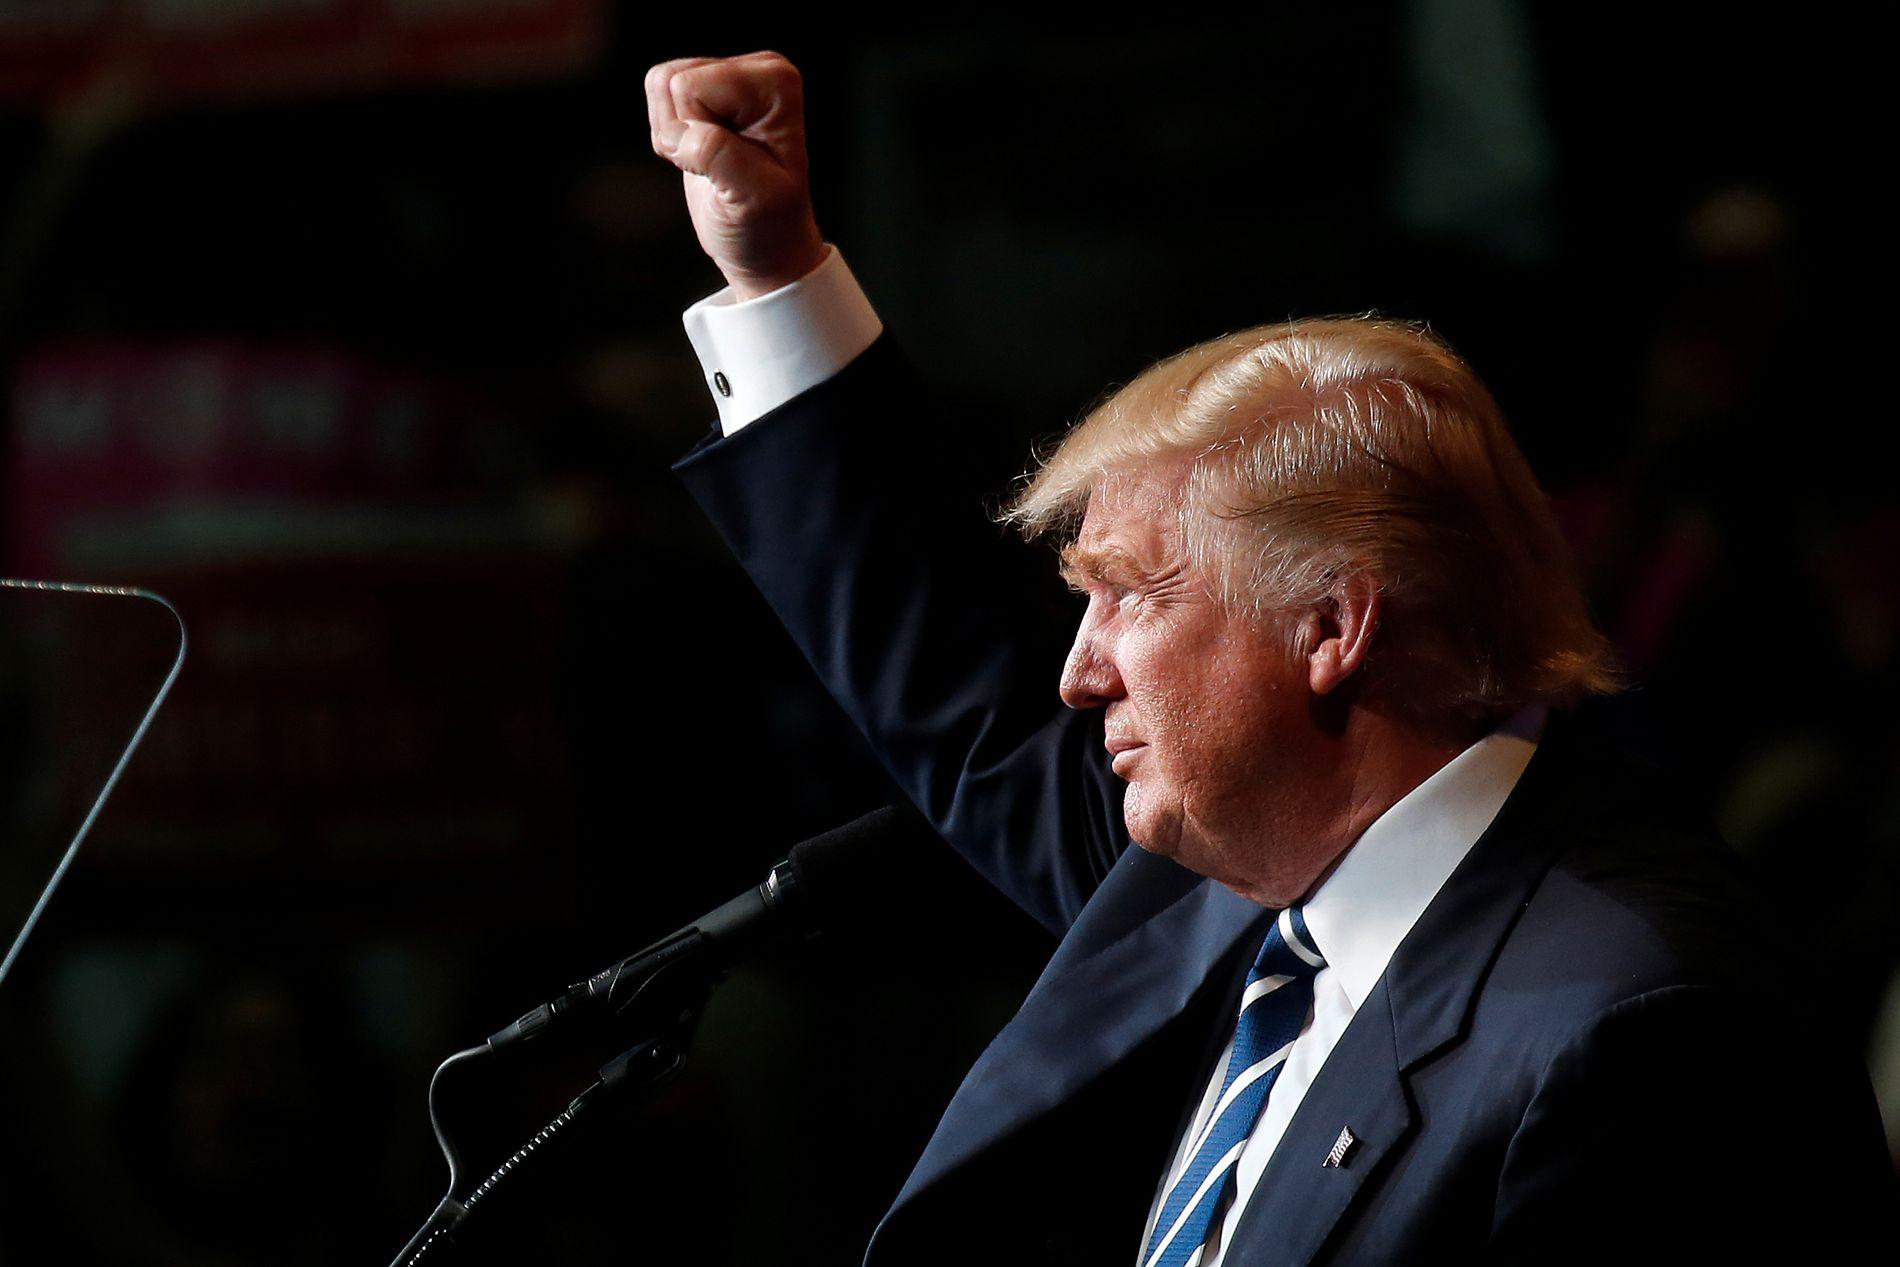 PRESIDENT? Donald er ingen spøk. Han er tvert imot det største politiske alvor som har gått på to bein så lenge eg har levd, skriv gjestekommentator Bård Vegar Solhjell.